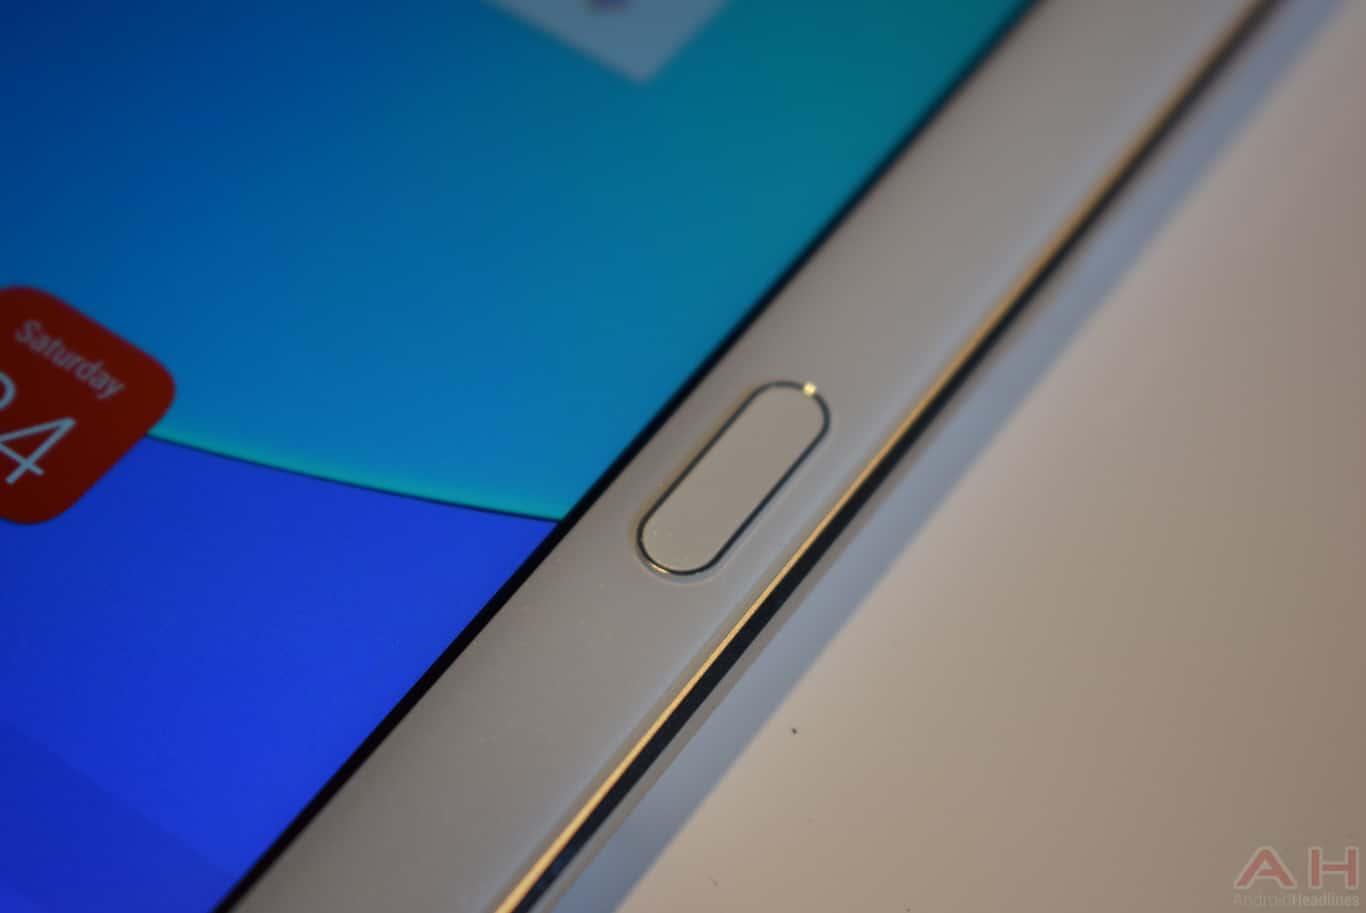 Huawei MediaPad M5 MWC 18 AM AH 2